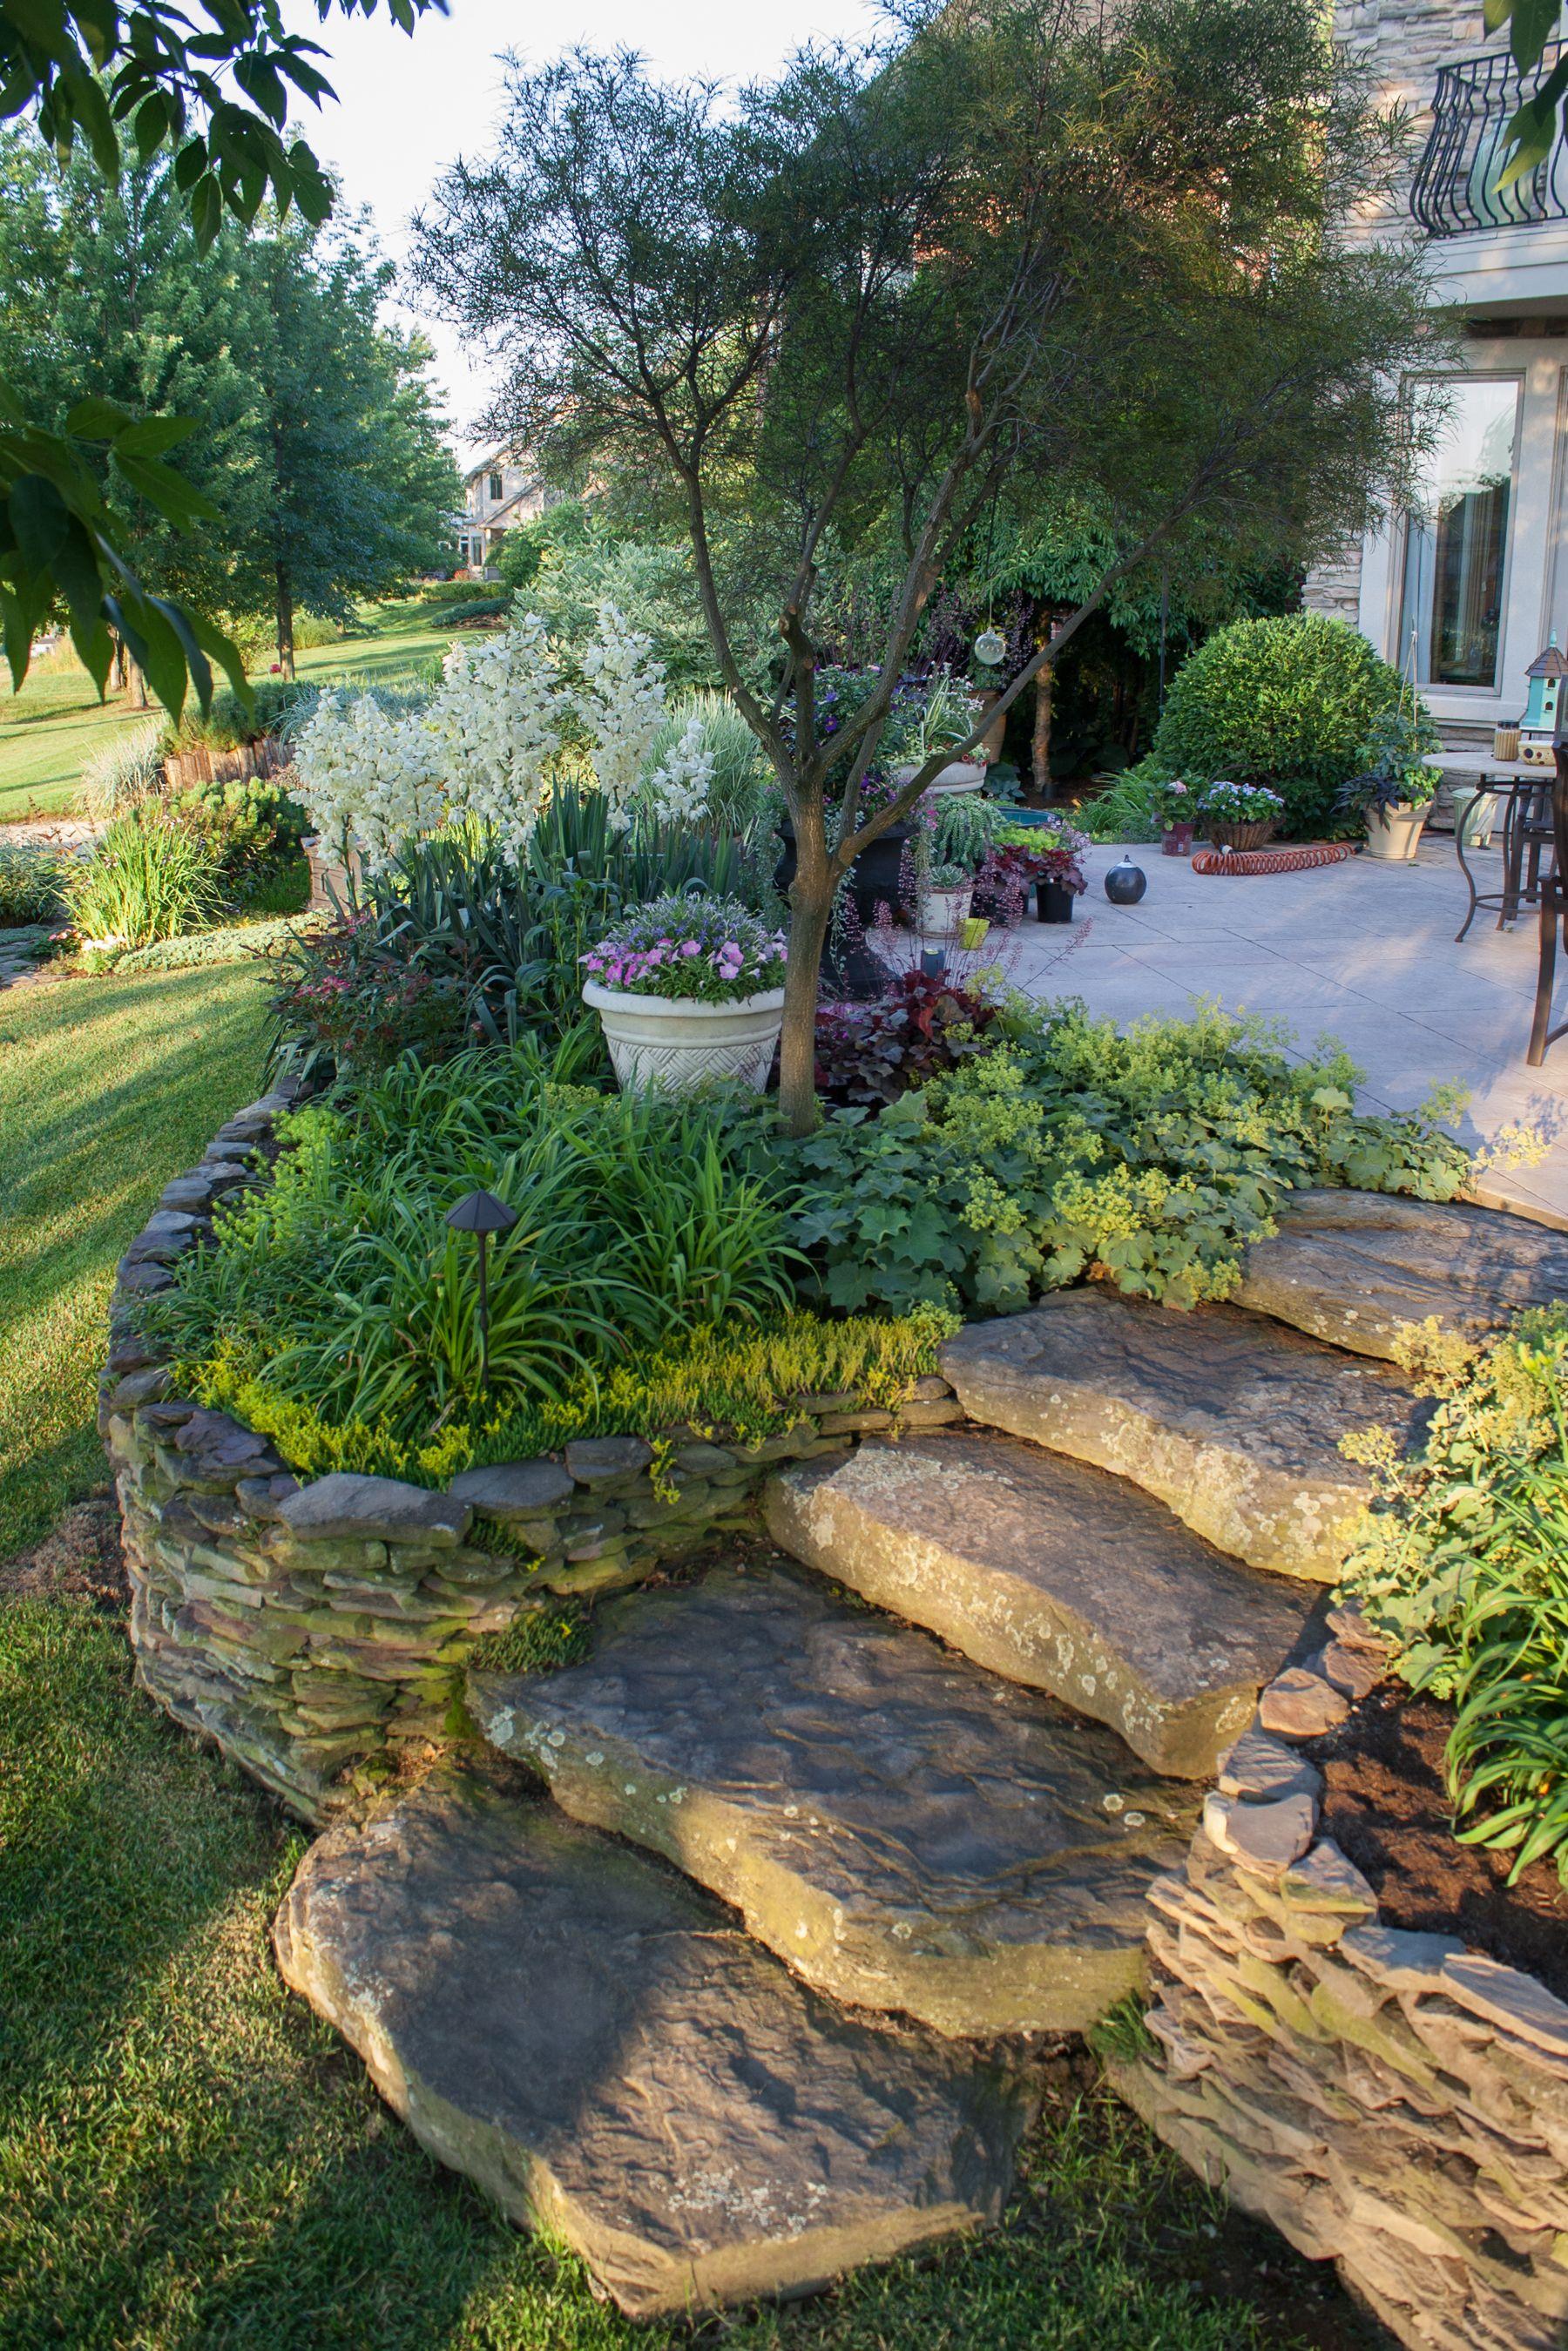 Sistemare Giardino Di Casa bellissimo! avrei un dislivello in giardino da sistemare